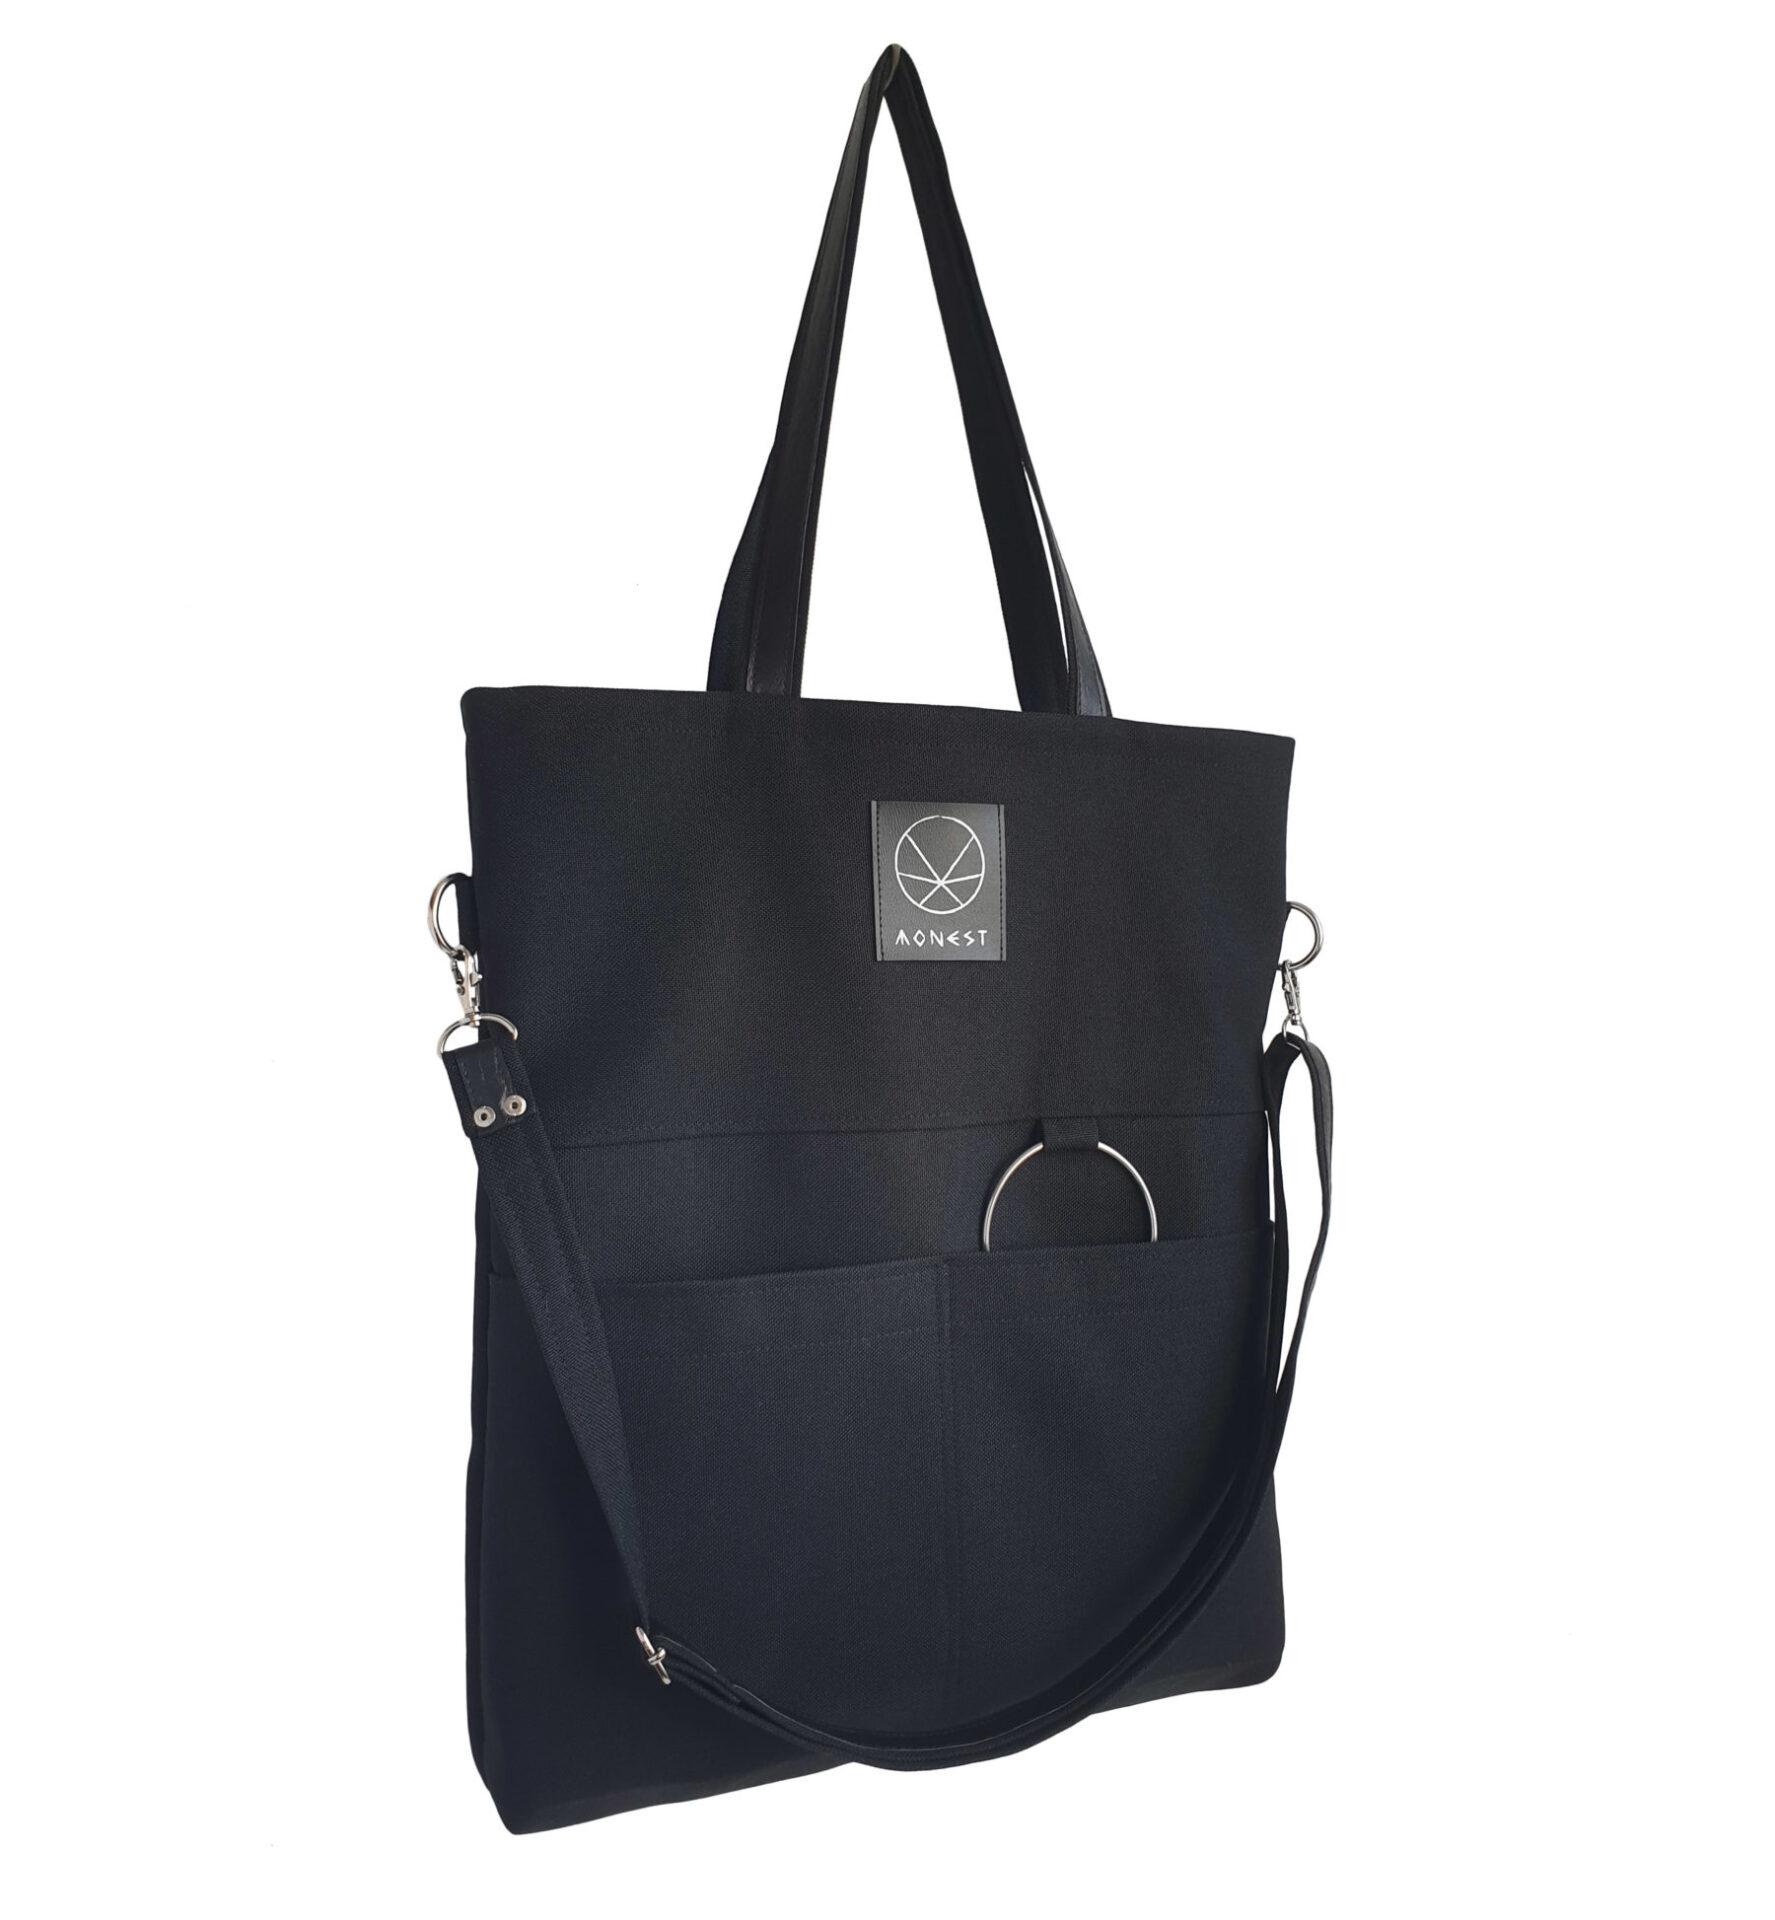 c582dcddfd41e Czarna torba City Noise - idealna na miejskie wycieczki, trening i ...